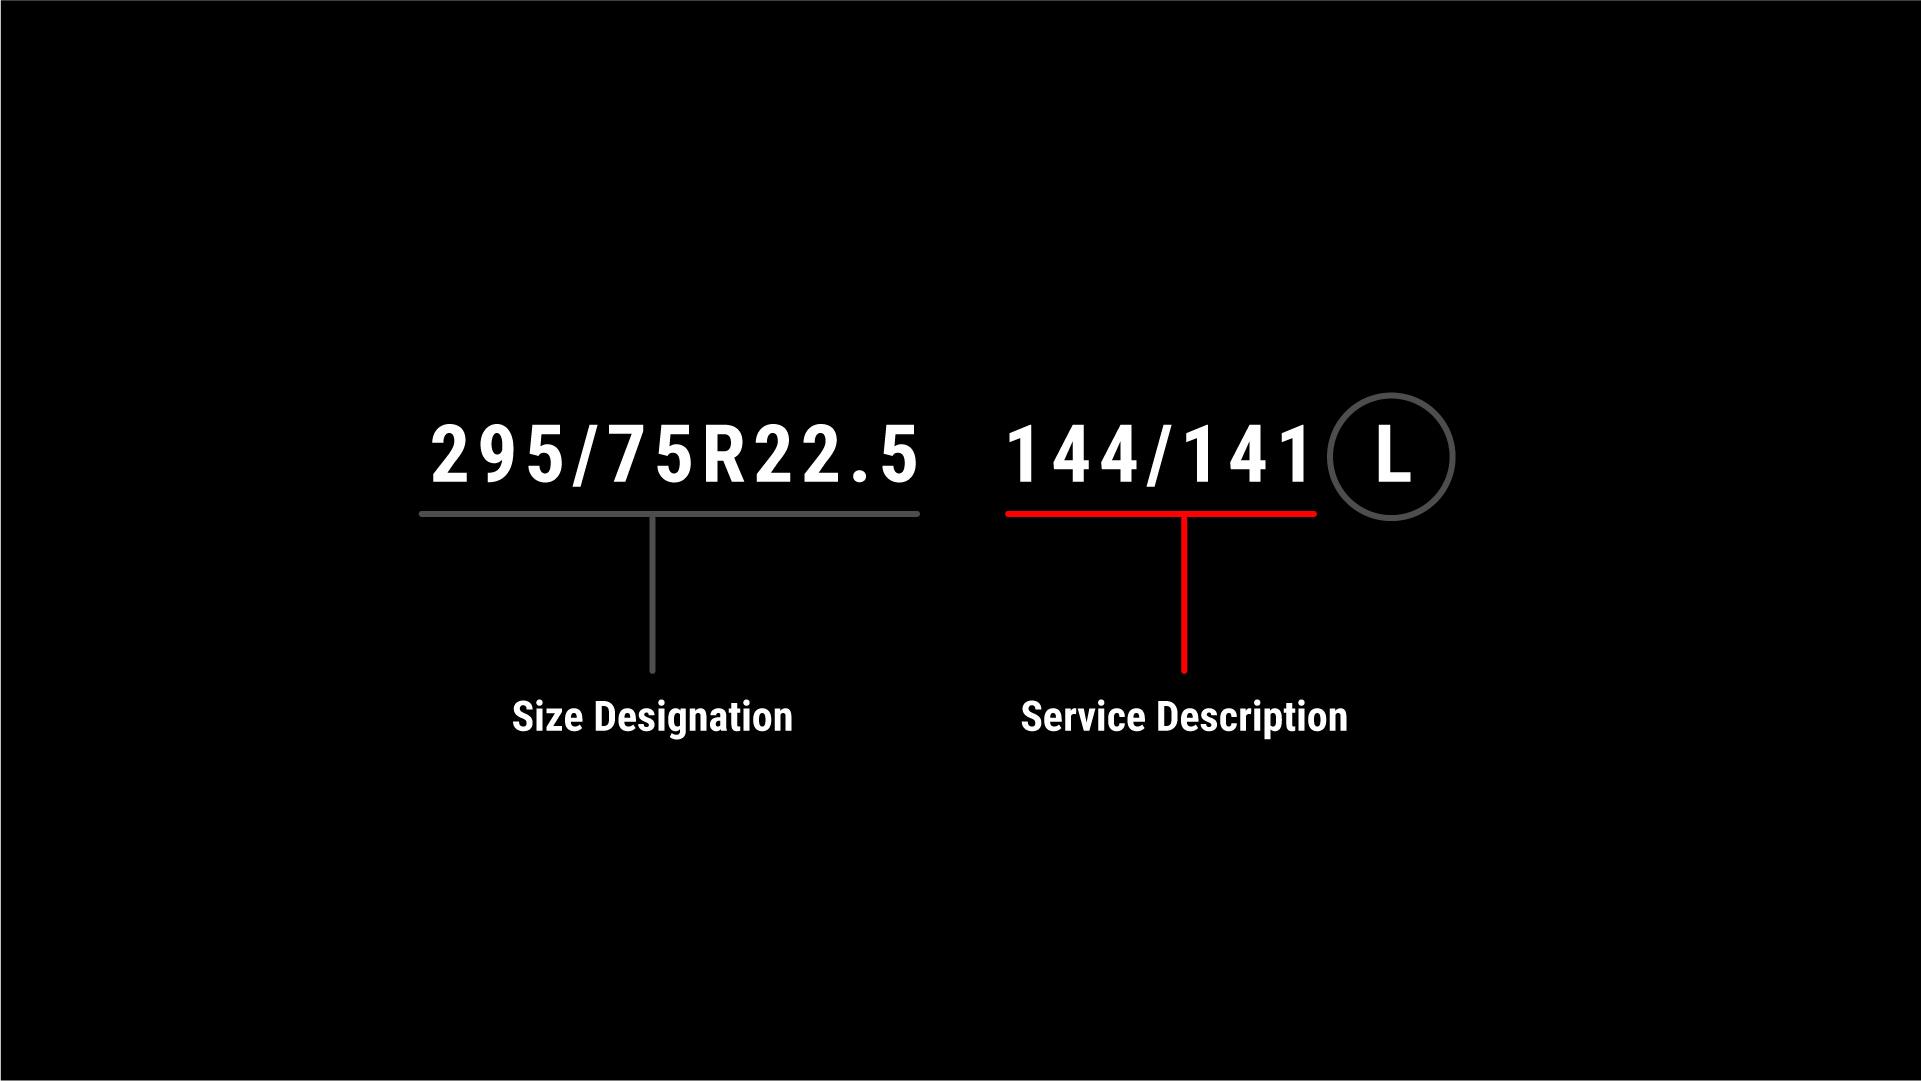 Size & Service